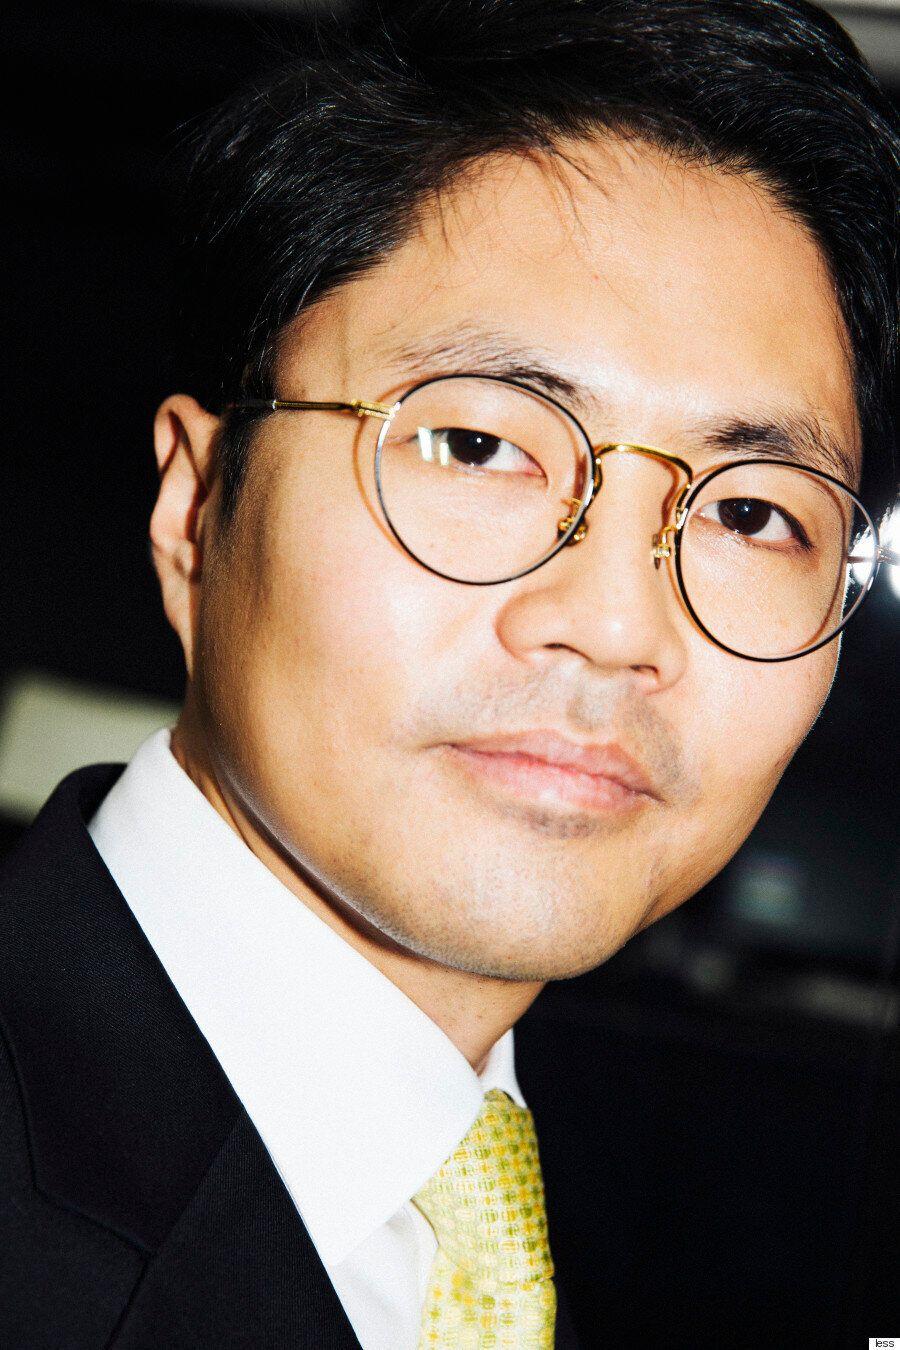 [허핑턴포스트 인터뷰] 김광진 의원은 한국은 정상적인 인권국가가 아니라고